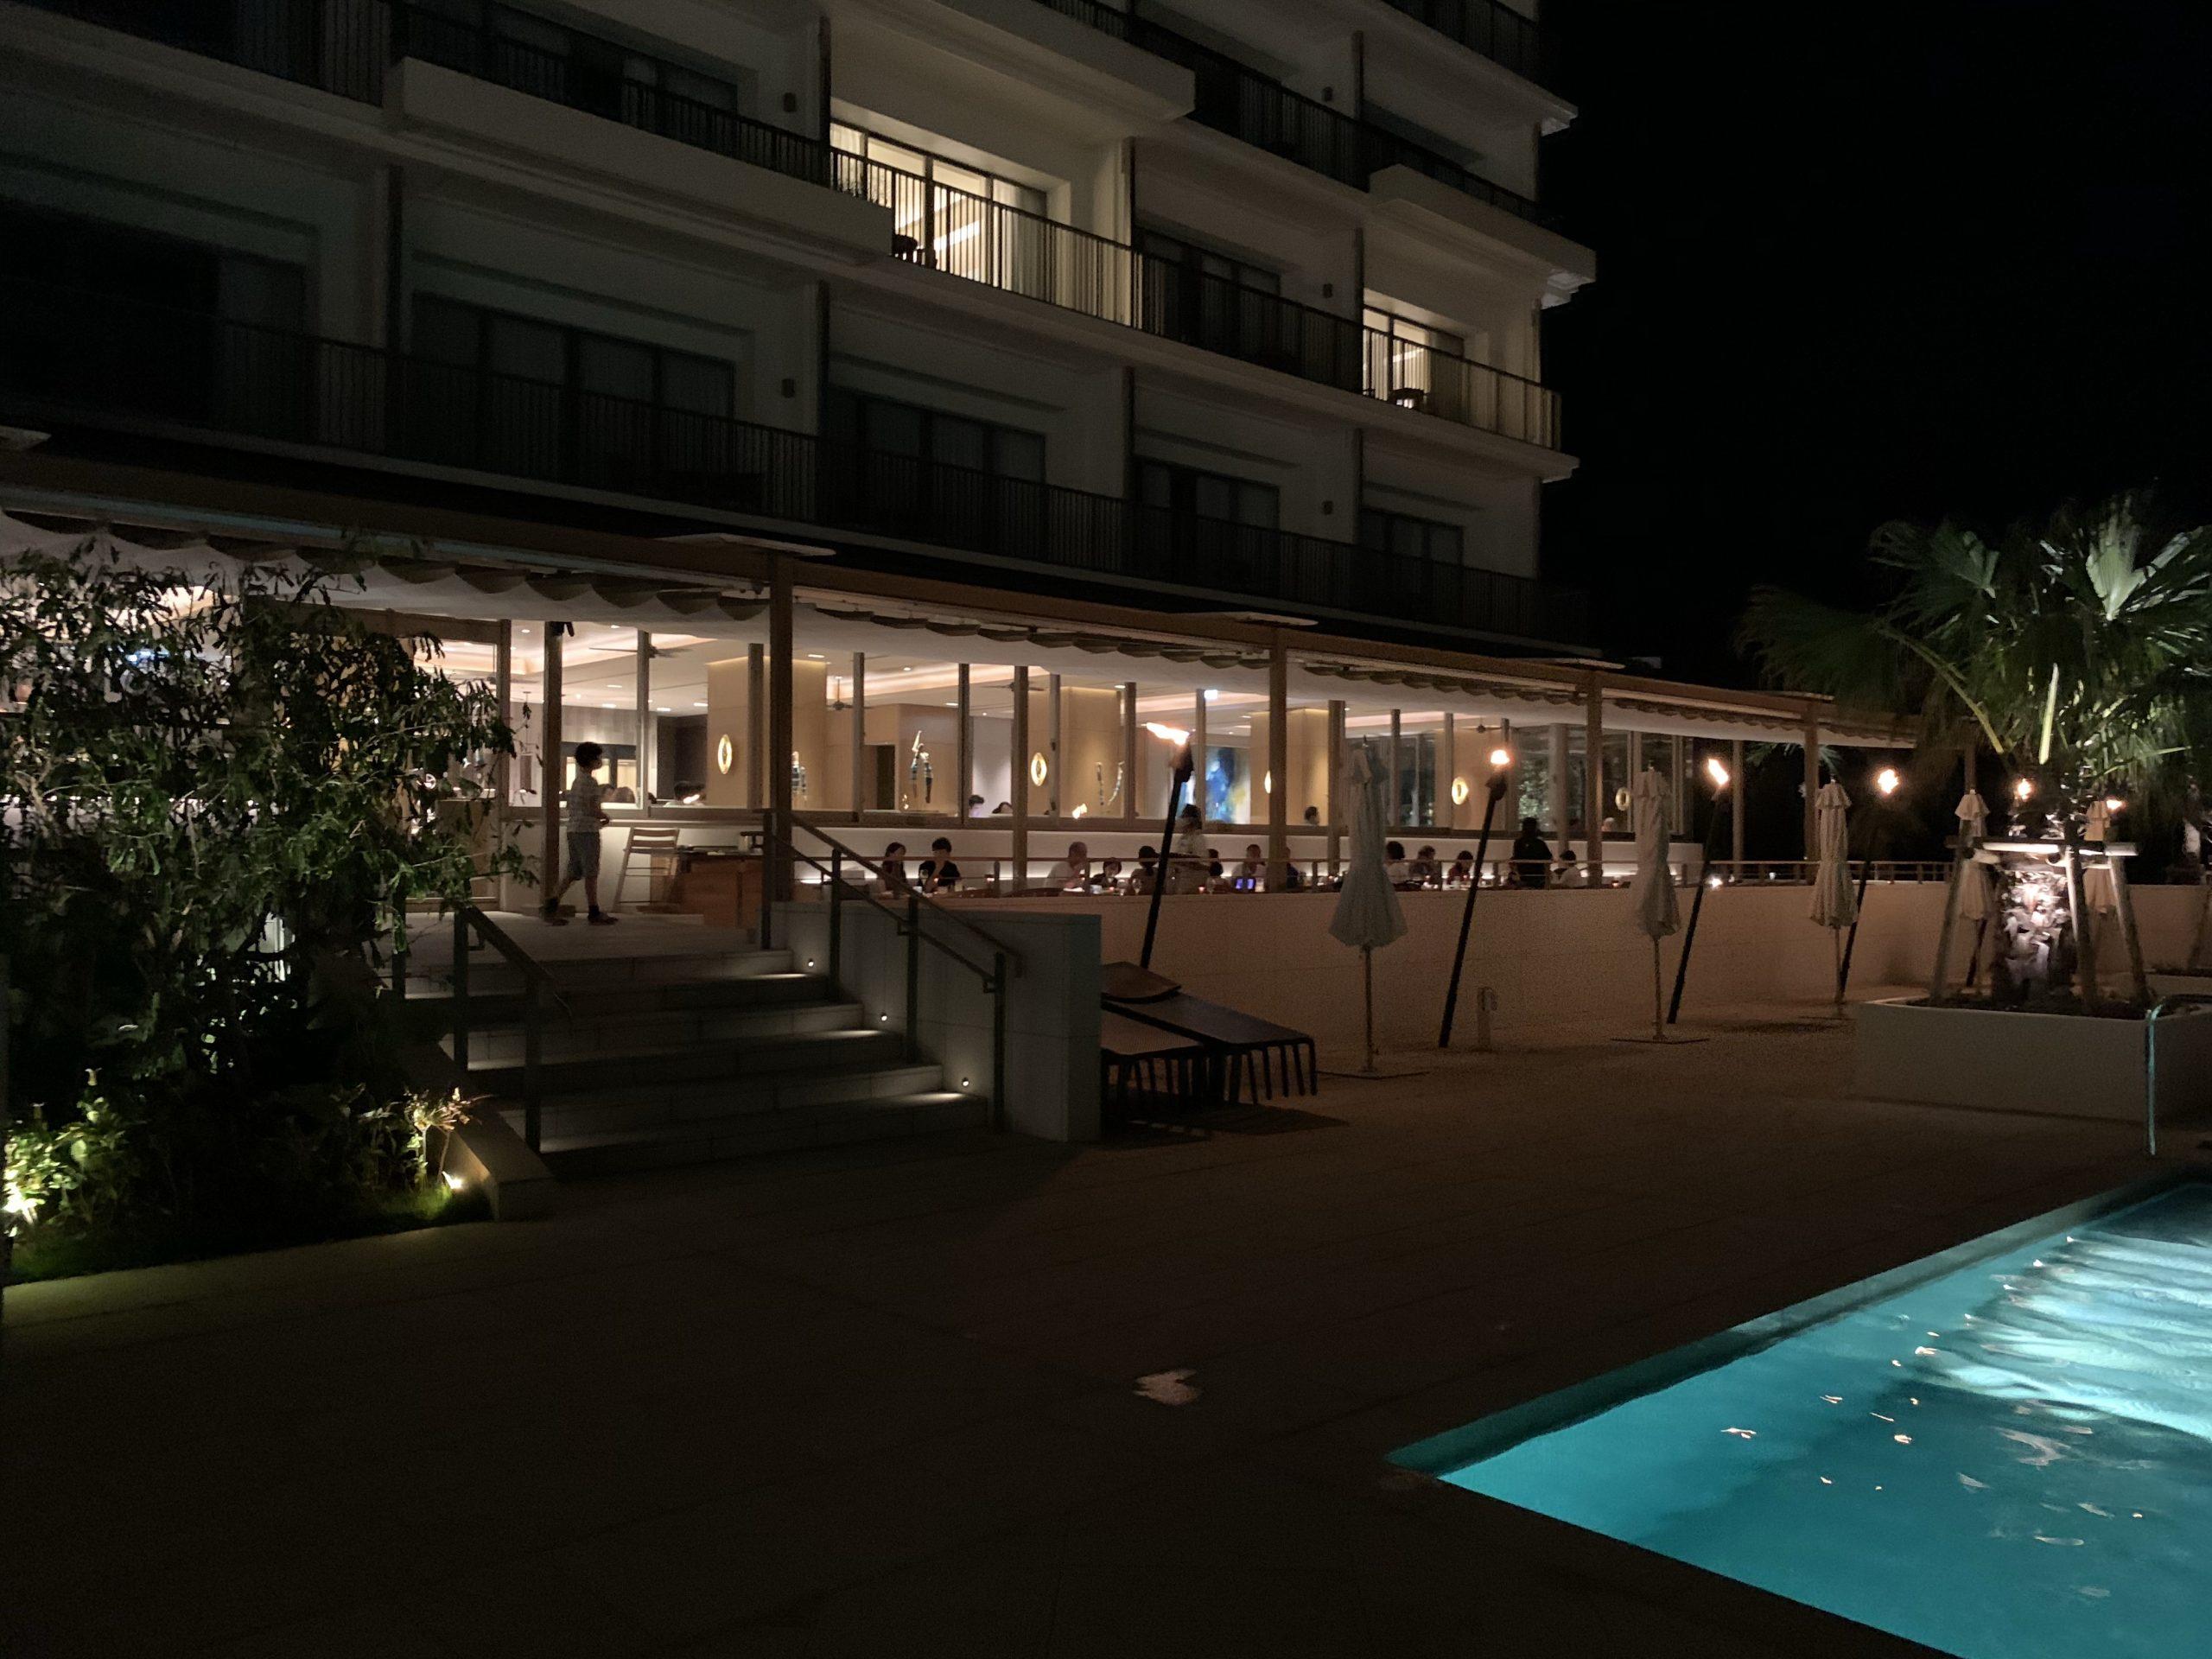 SALTIDA夜のプール